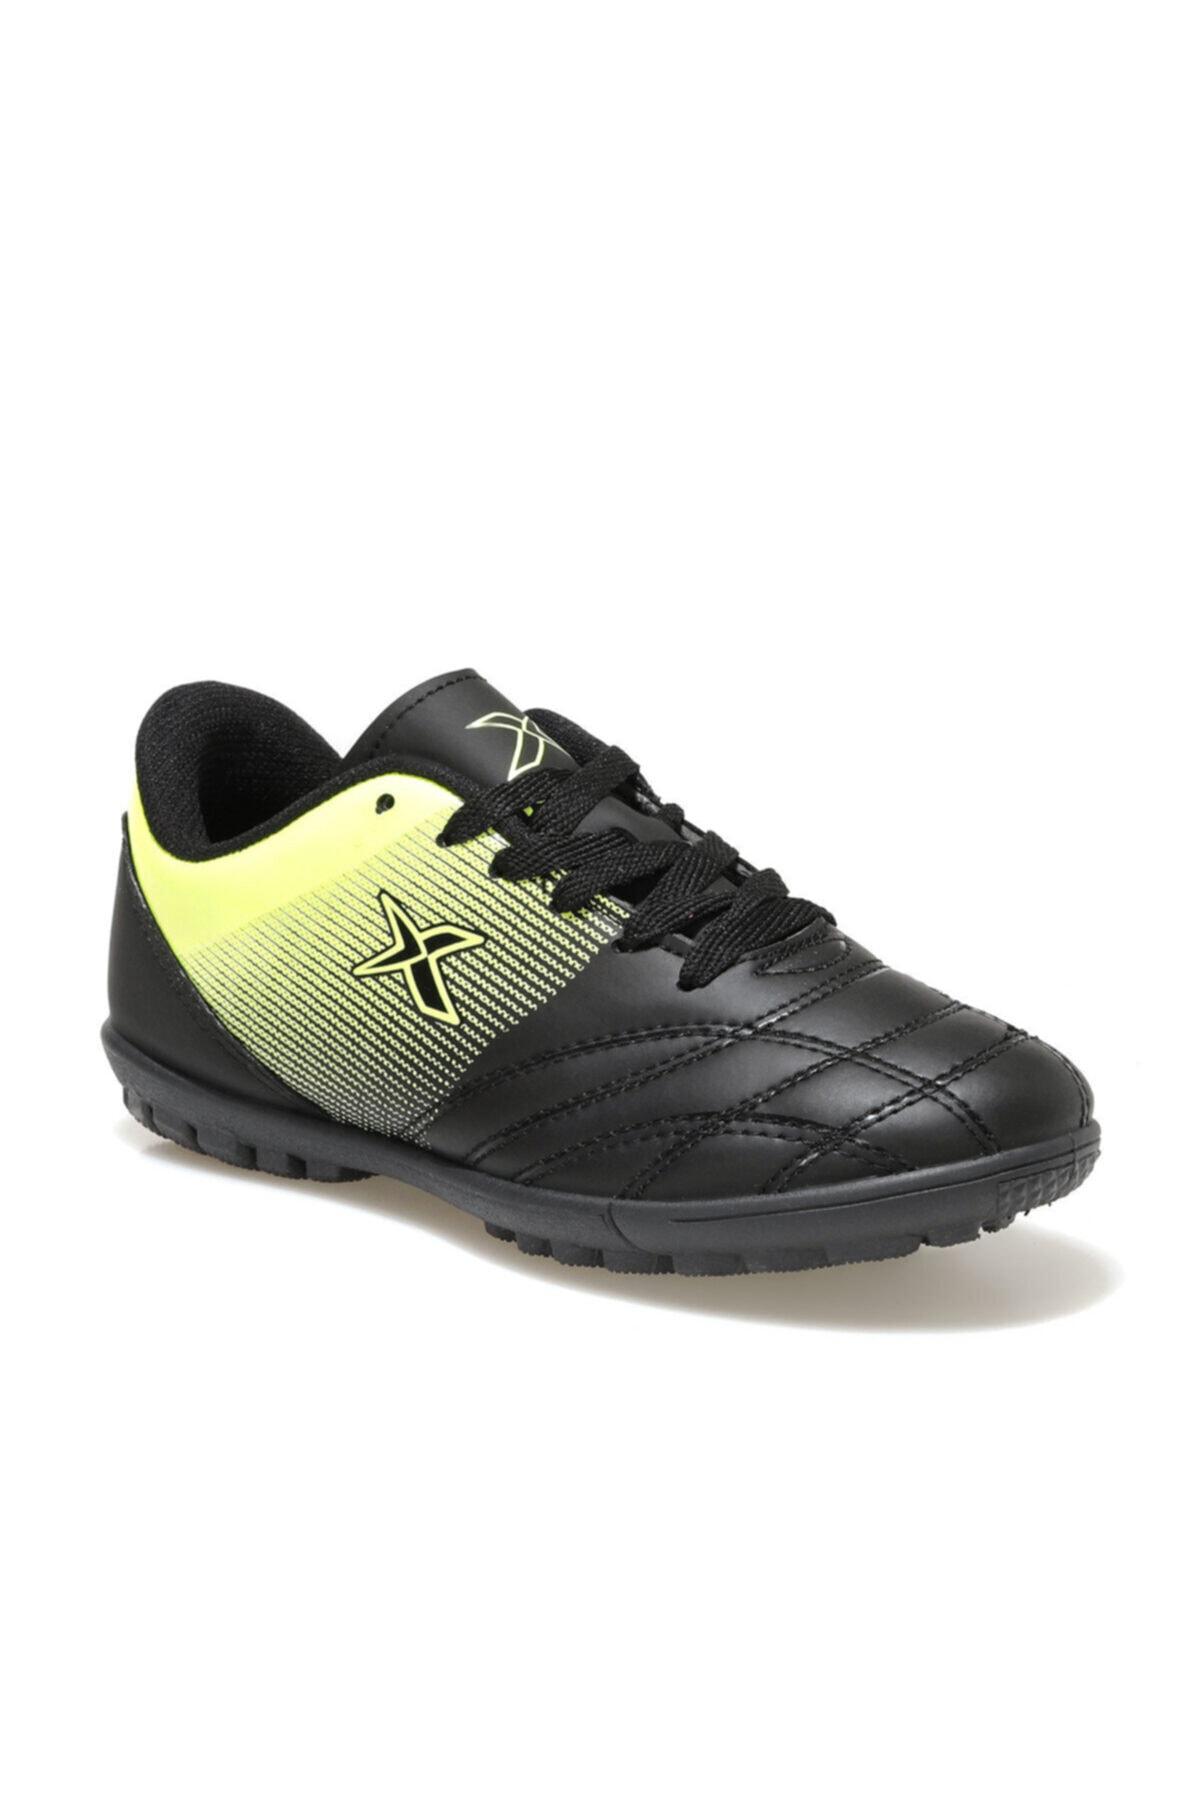 Erkek Çocuk Siyah Morales Turf Halı Saha Ayakkabısı 100551288